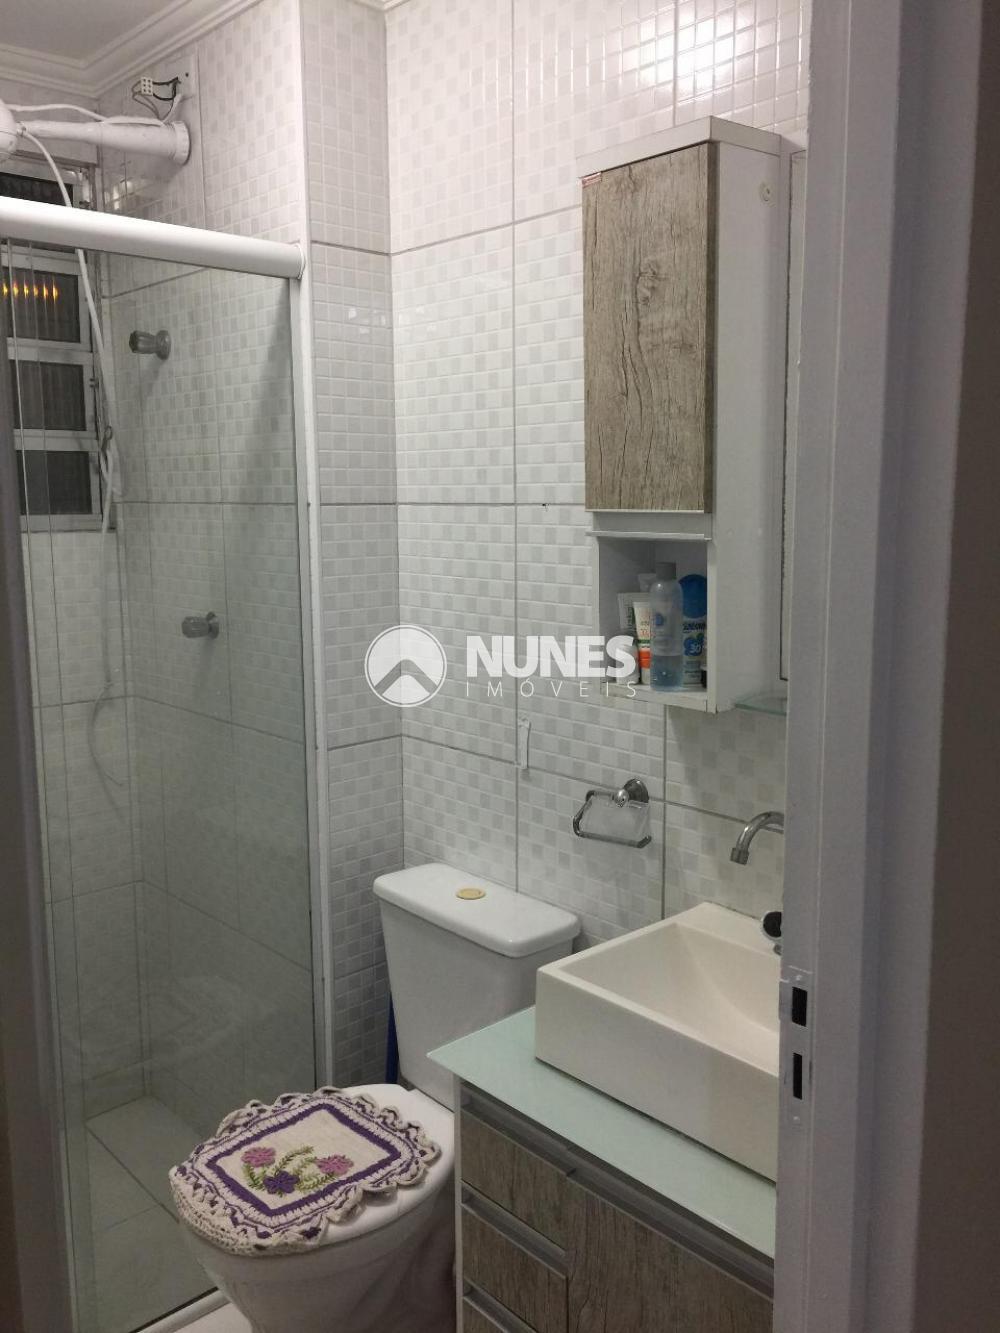 Comprar Apartamento / Padrão em Osasco R$ 212.000,00 - Foto 6